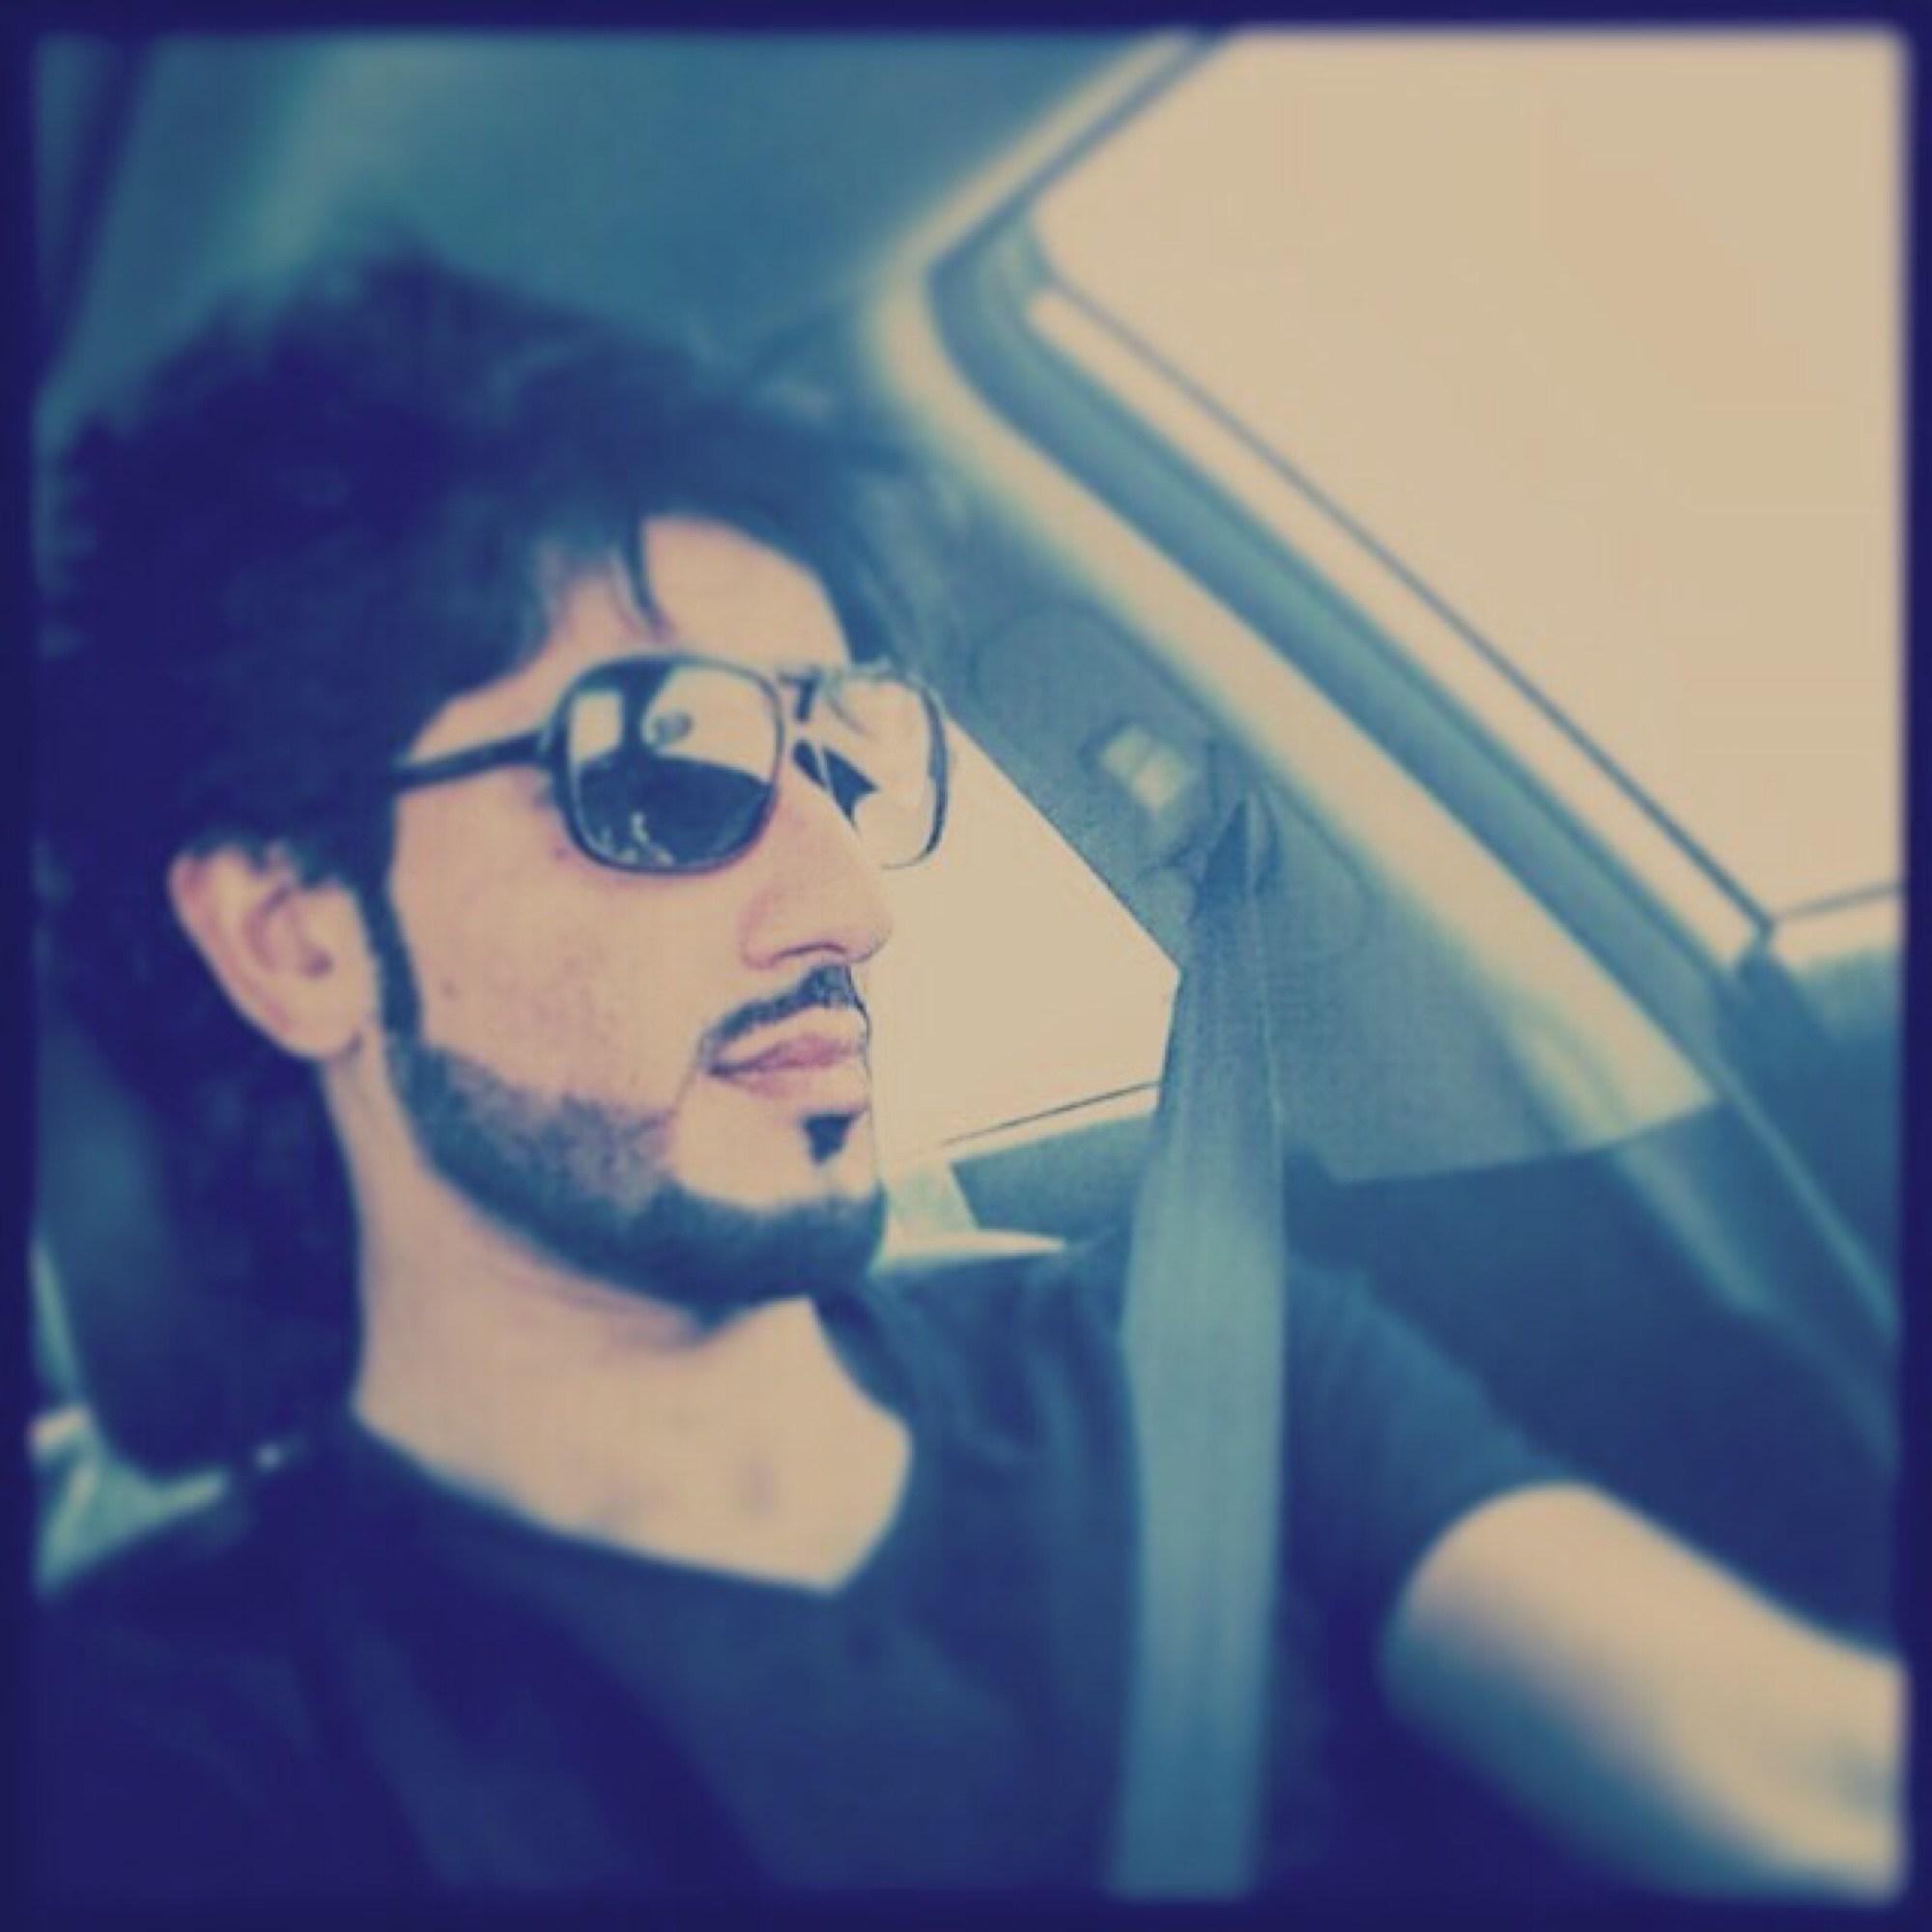 fahadd1409's Cover Photo